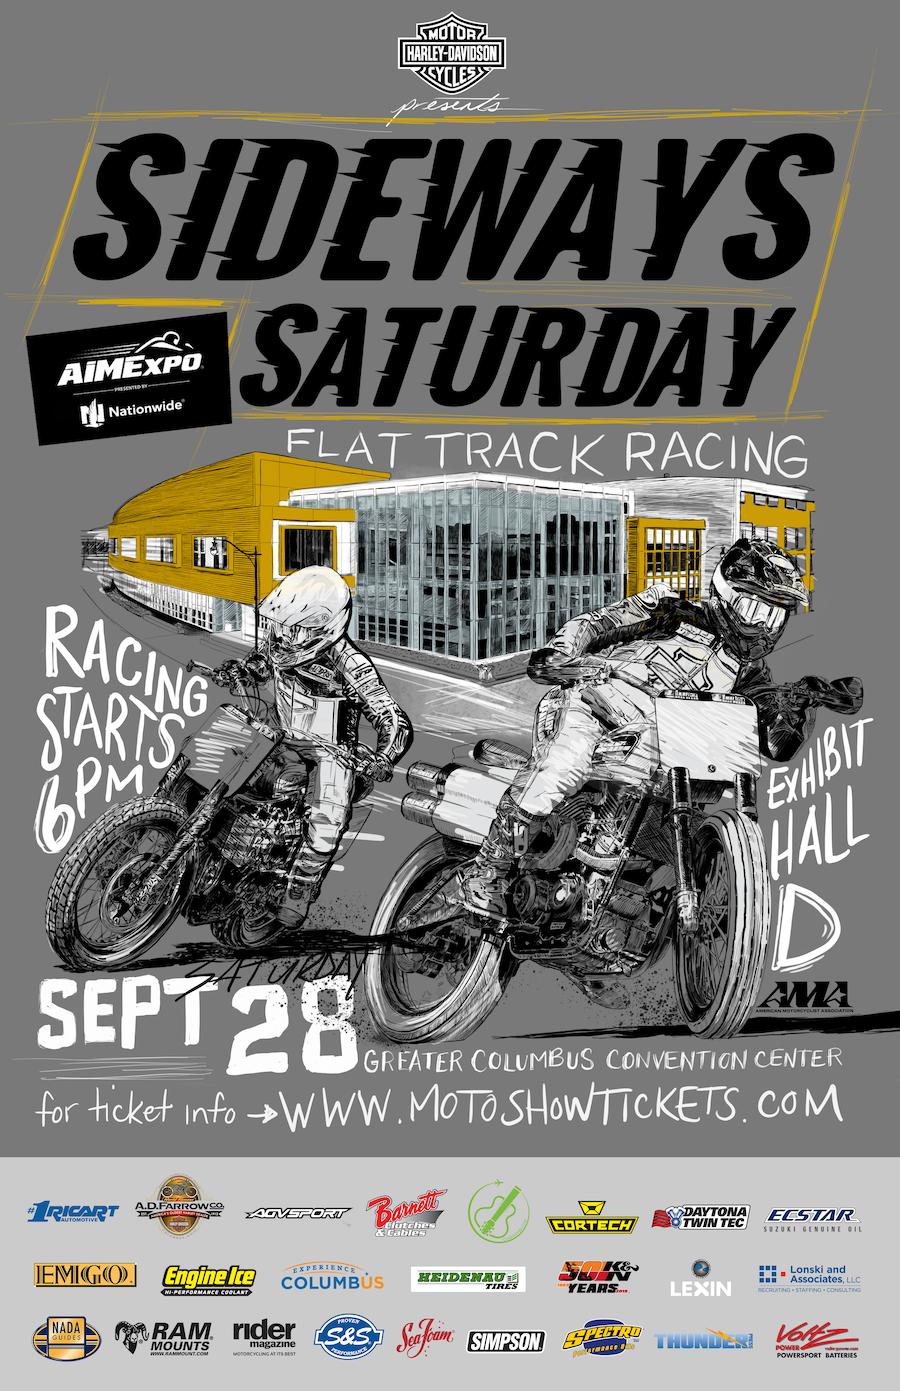 Sideways Saturday Flyer-v2.png